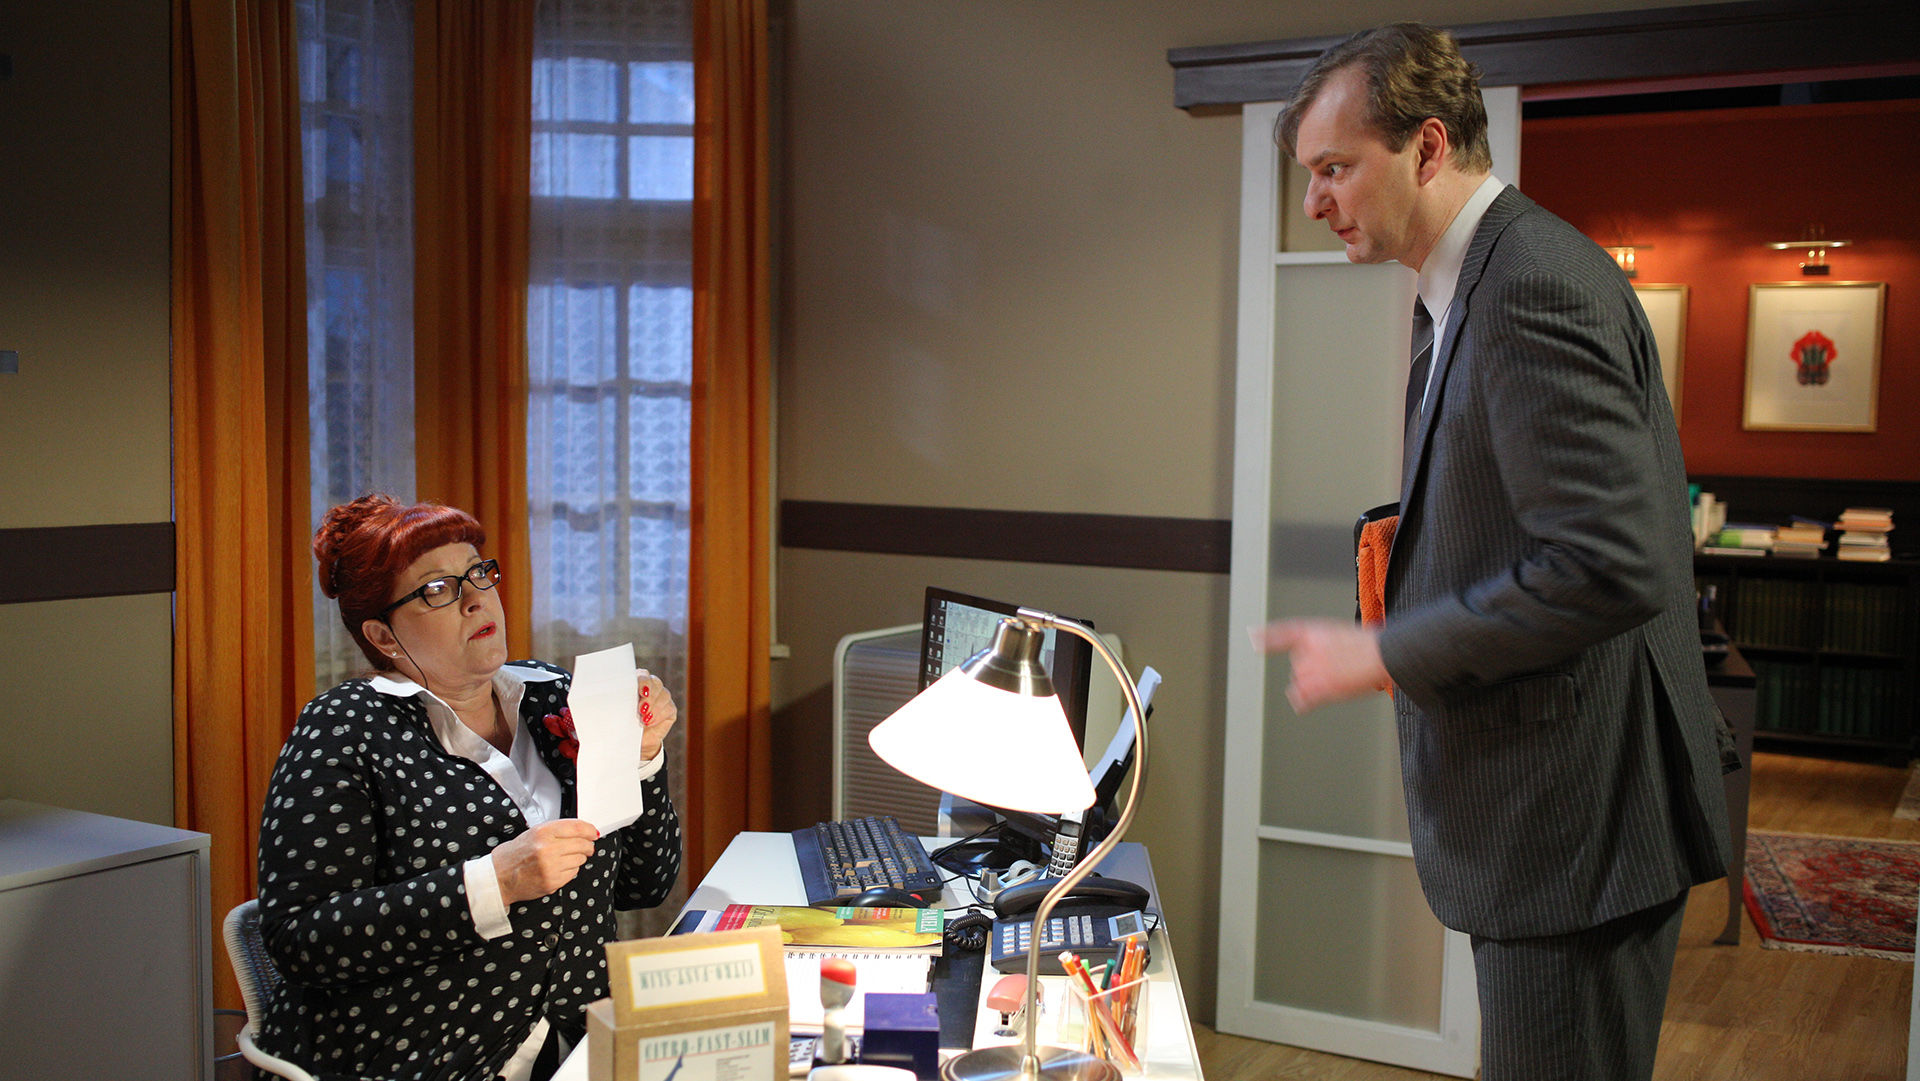 Elfi Eschke (Lilli Buxenschutz), Alexander Jagsch (Dr. Sigmund Leidowitz)